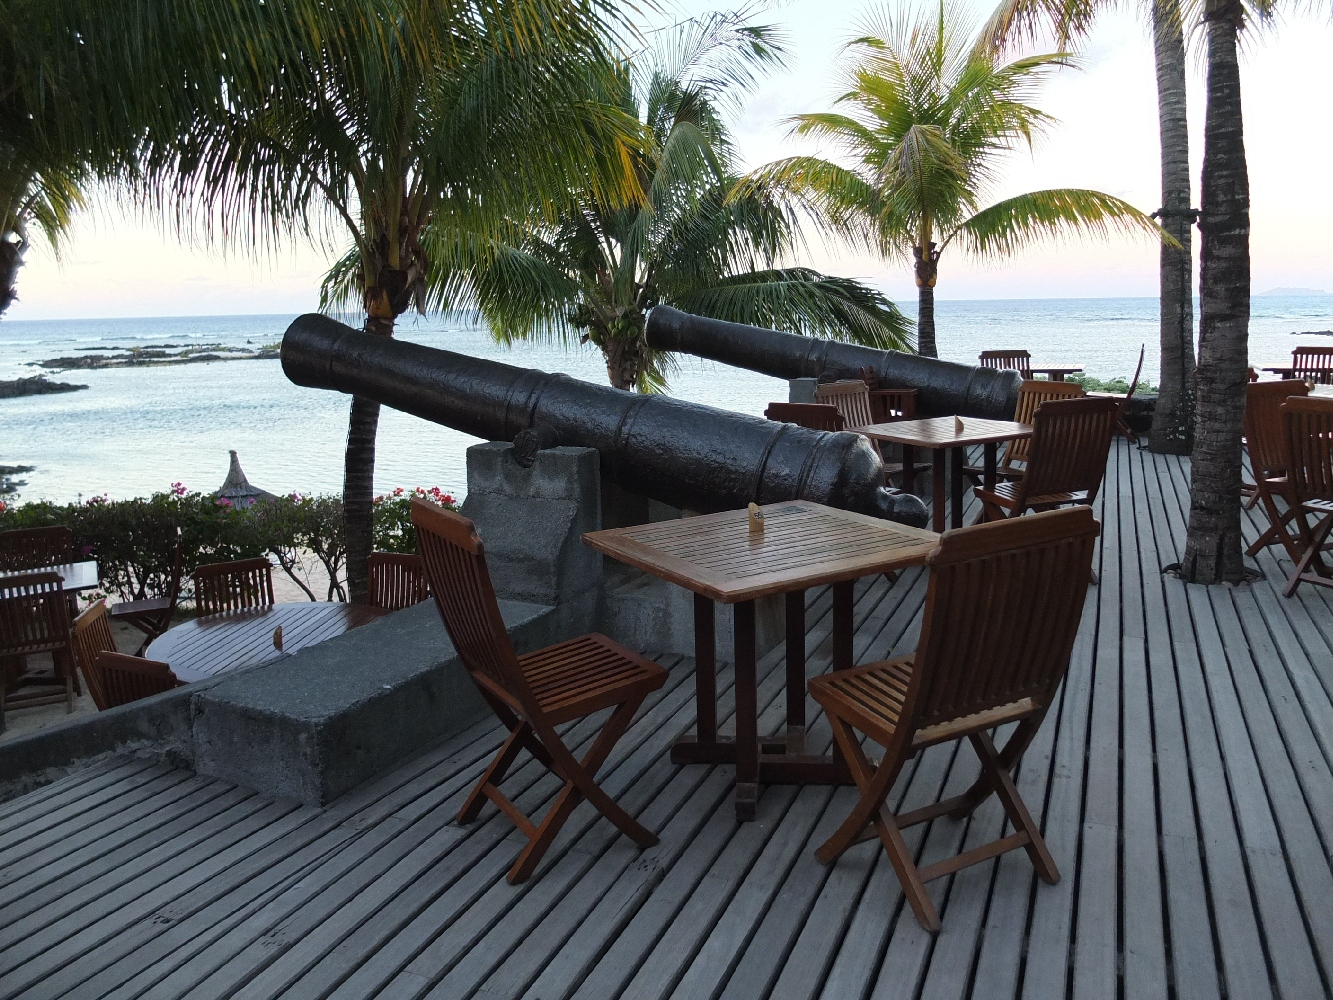 Deux canons de marine de 36 livres, installés sur la terrasse du restaurant « Le Navigateur » pointent fièrement en direction de la mer.